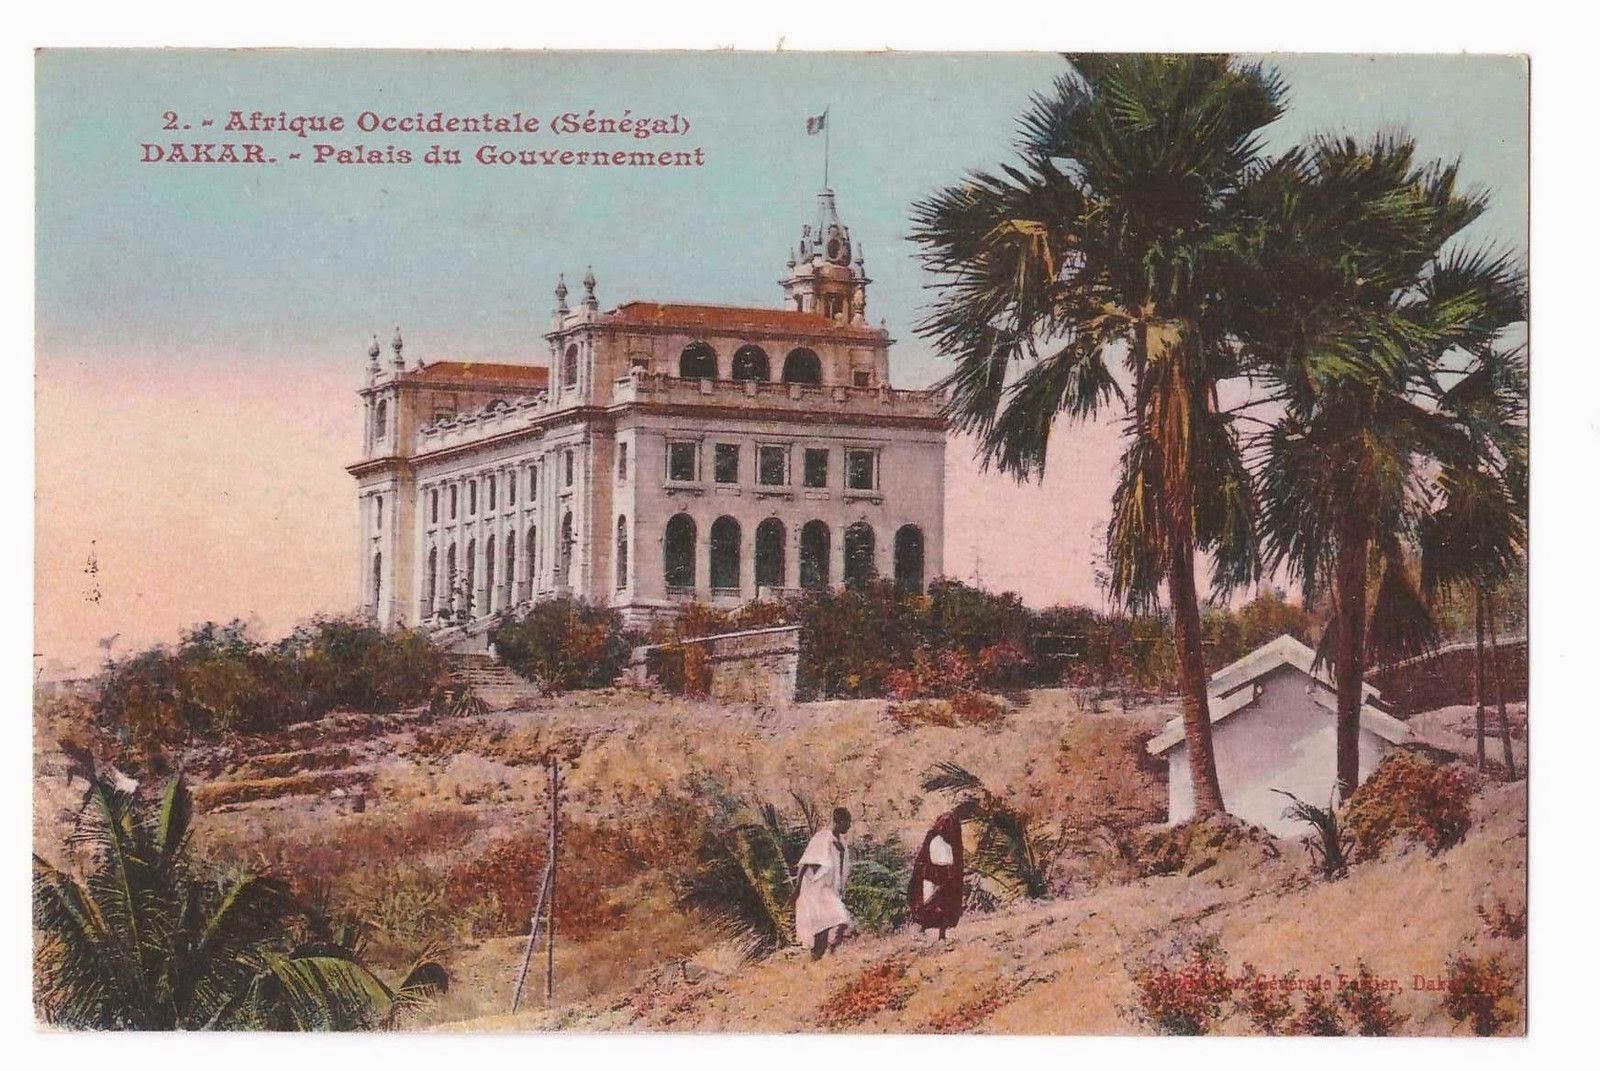 Alioune Traoré - Islam et colonisation en Afrique - Cheick Hamahoullah, homme de foi et résistant